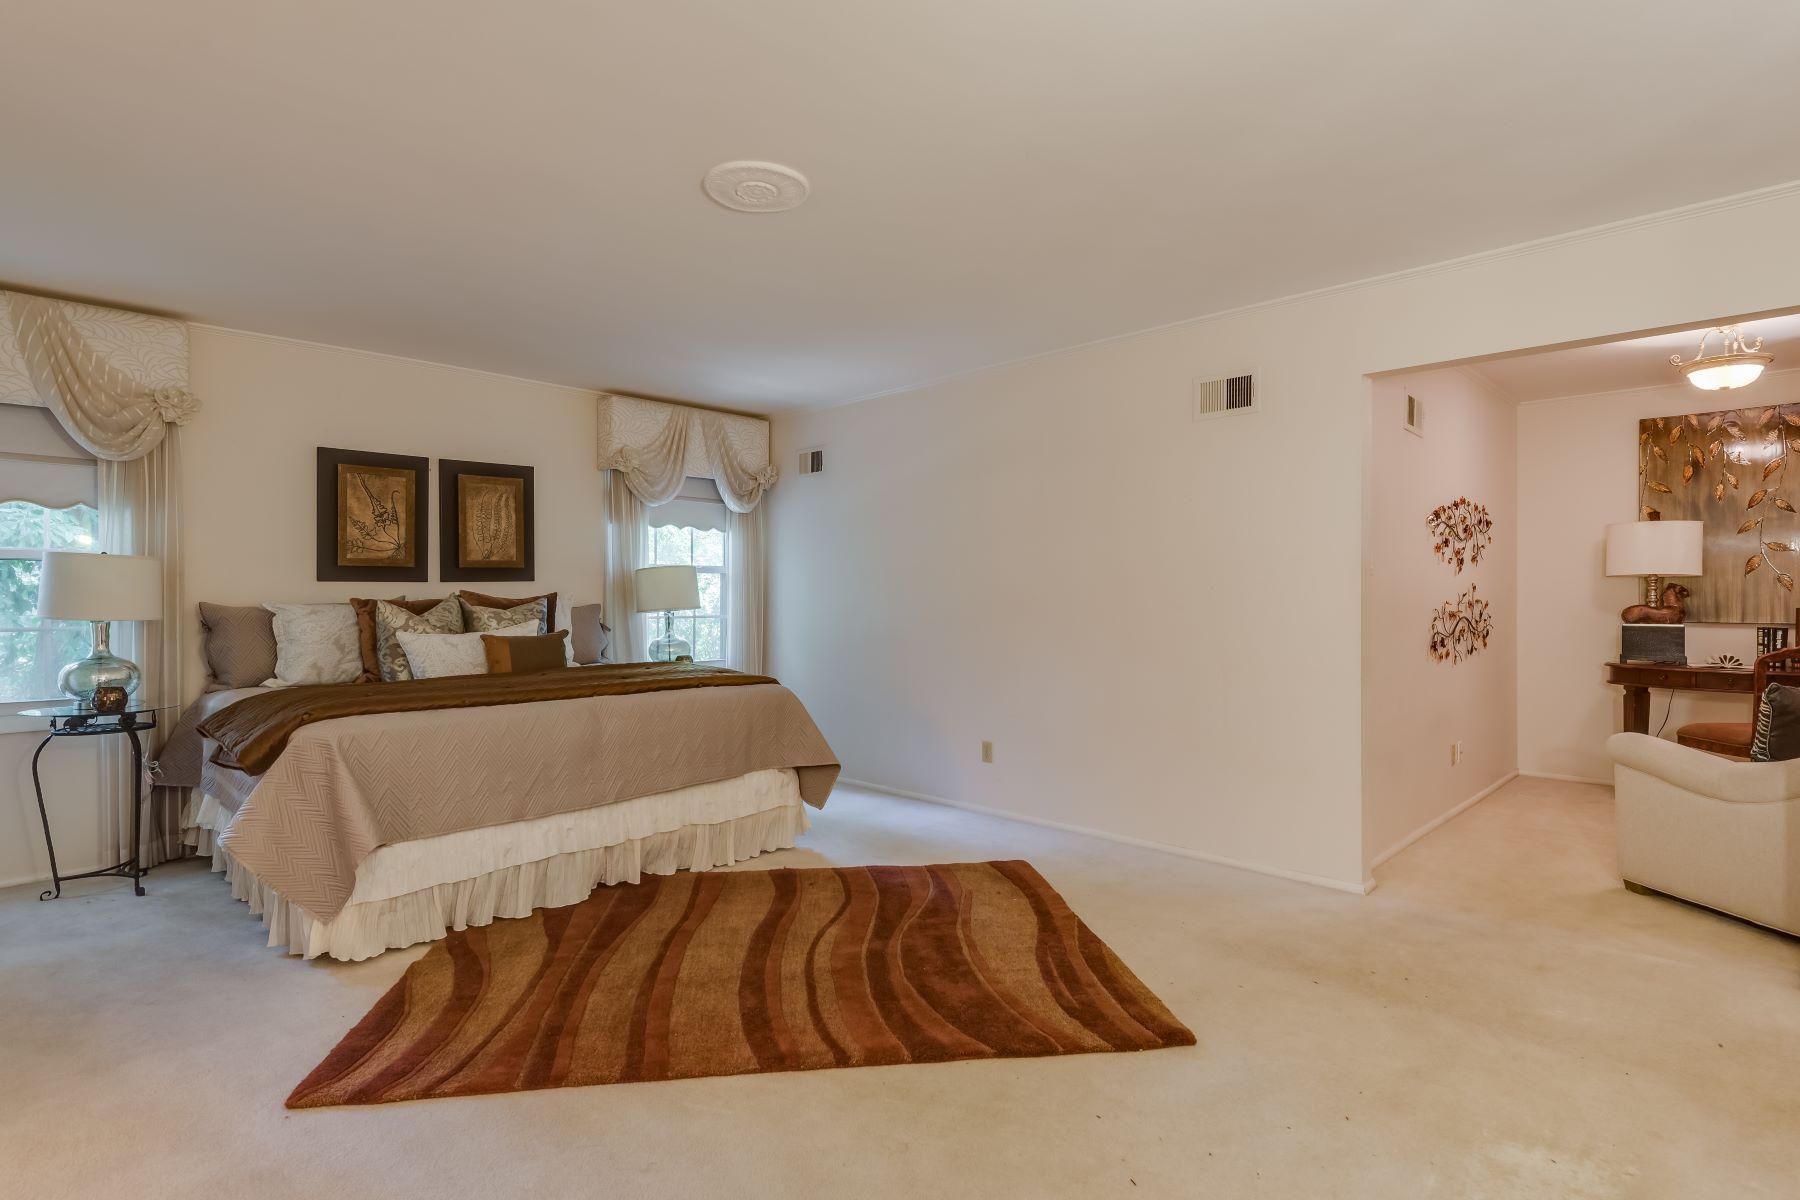 Additional photo for property listing at Ladue Home on Dogwood Lane 6 Dogwood Lane Ladue, Missouri 63124 United States